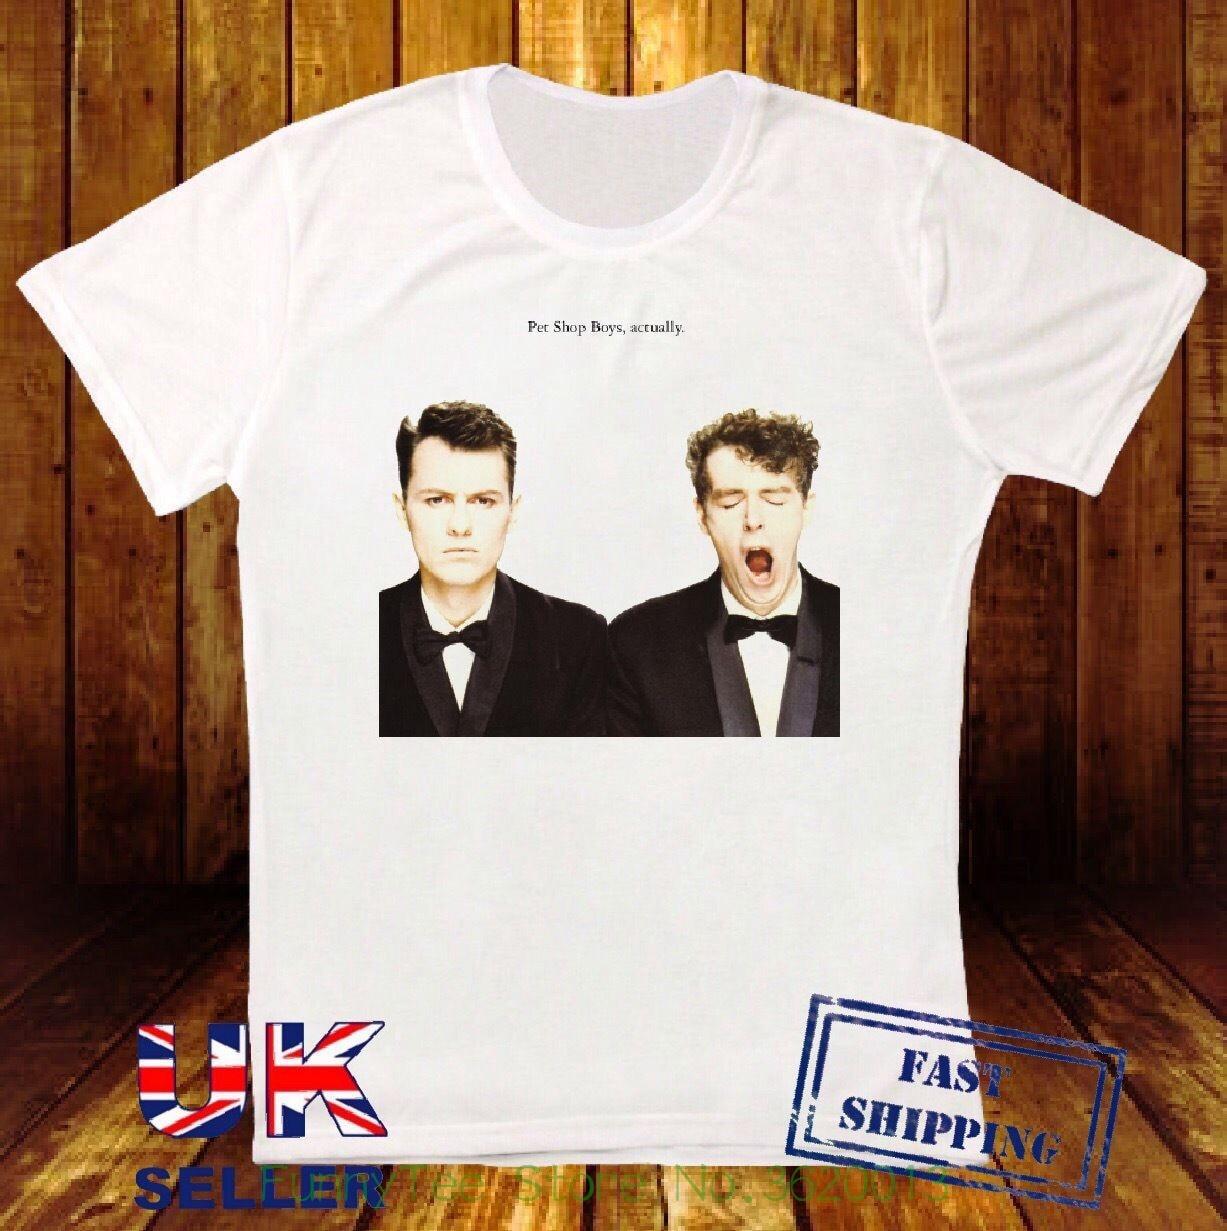 Pet Shop Boys En Realidad Electr Nica Pop Retro Hipster Camiseta Unisex 746